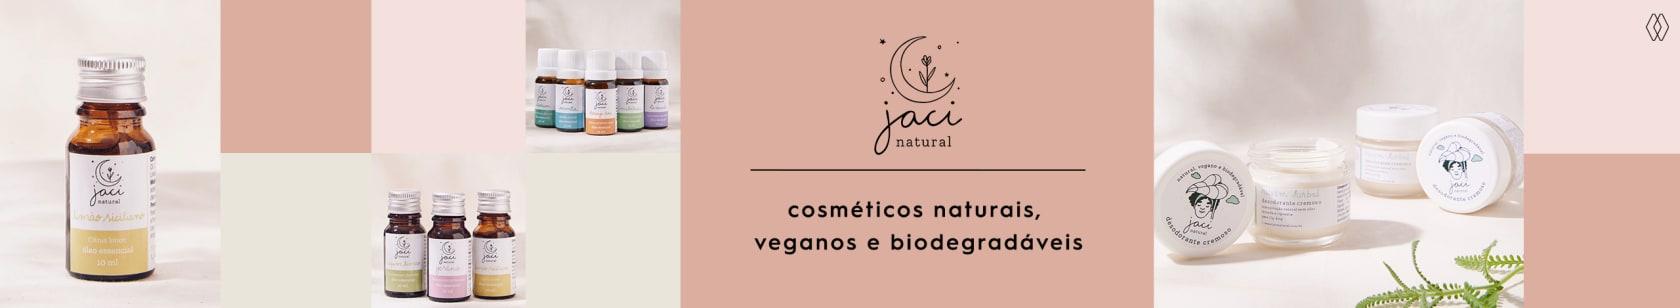 JACI NATURAL | AMARO